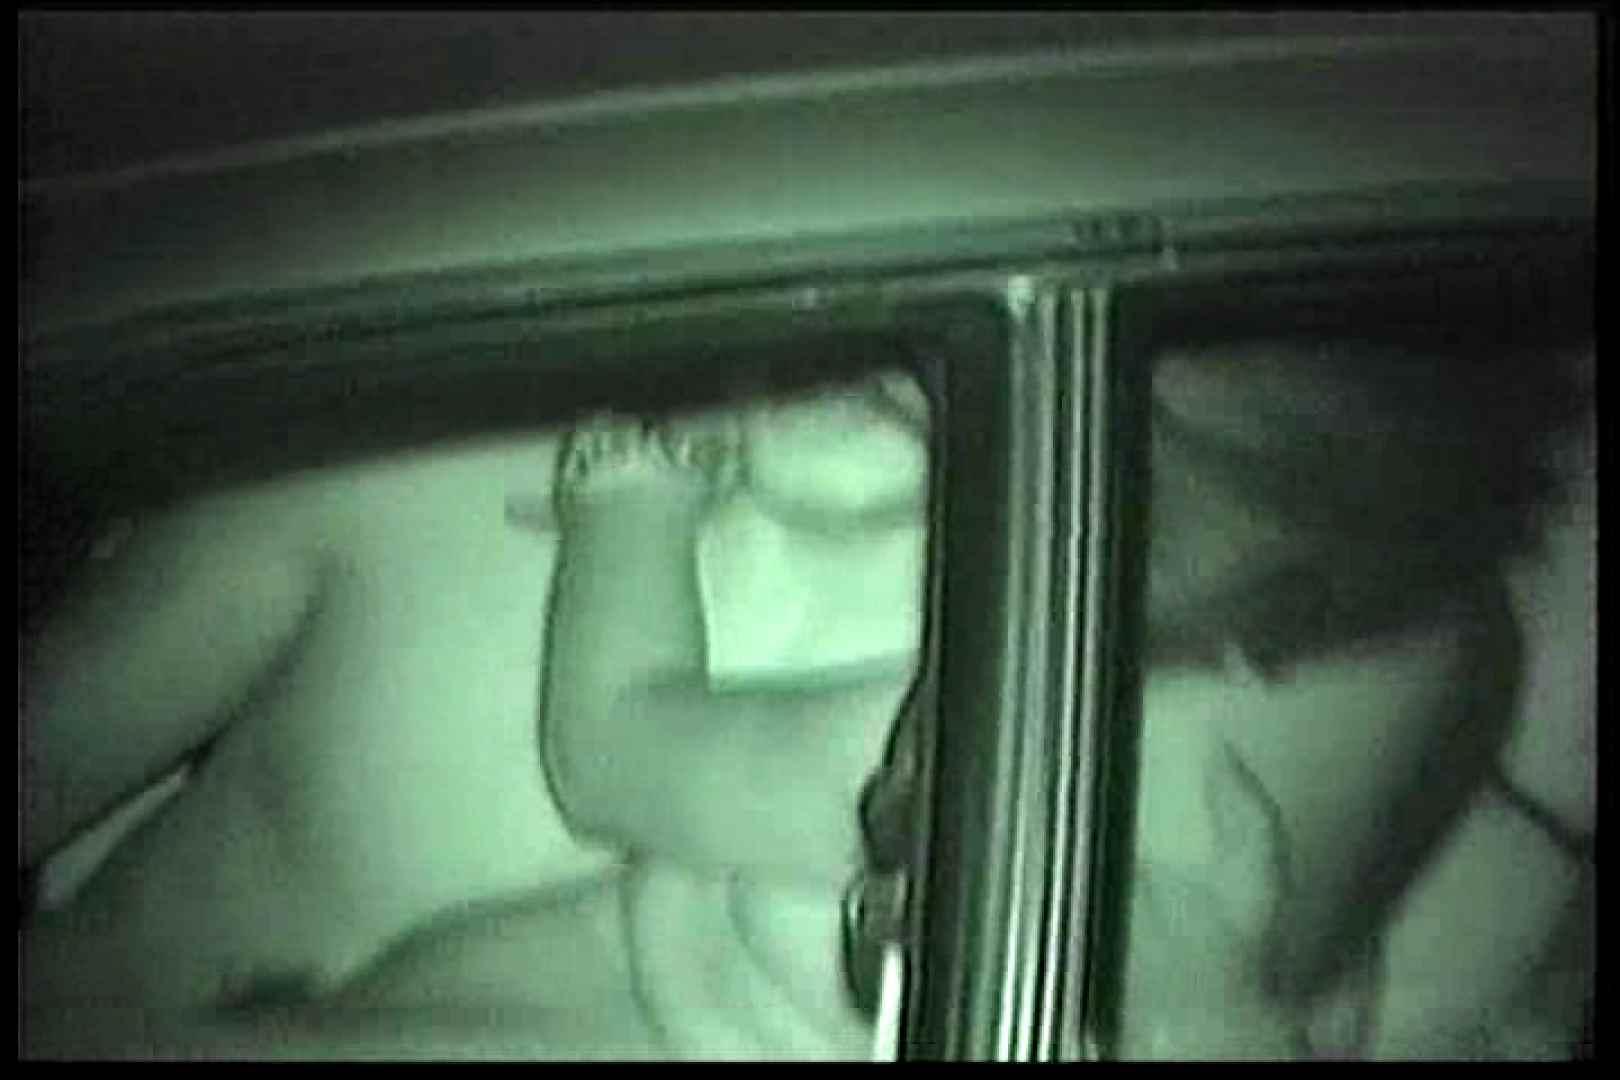 車の中はラブホテル 無修正版  Vol.11 カーセックス のぞき動画画像 86画像 21